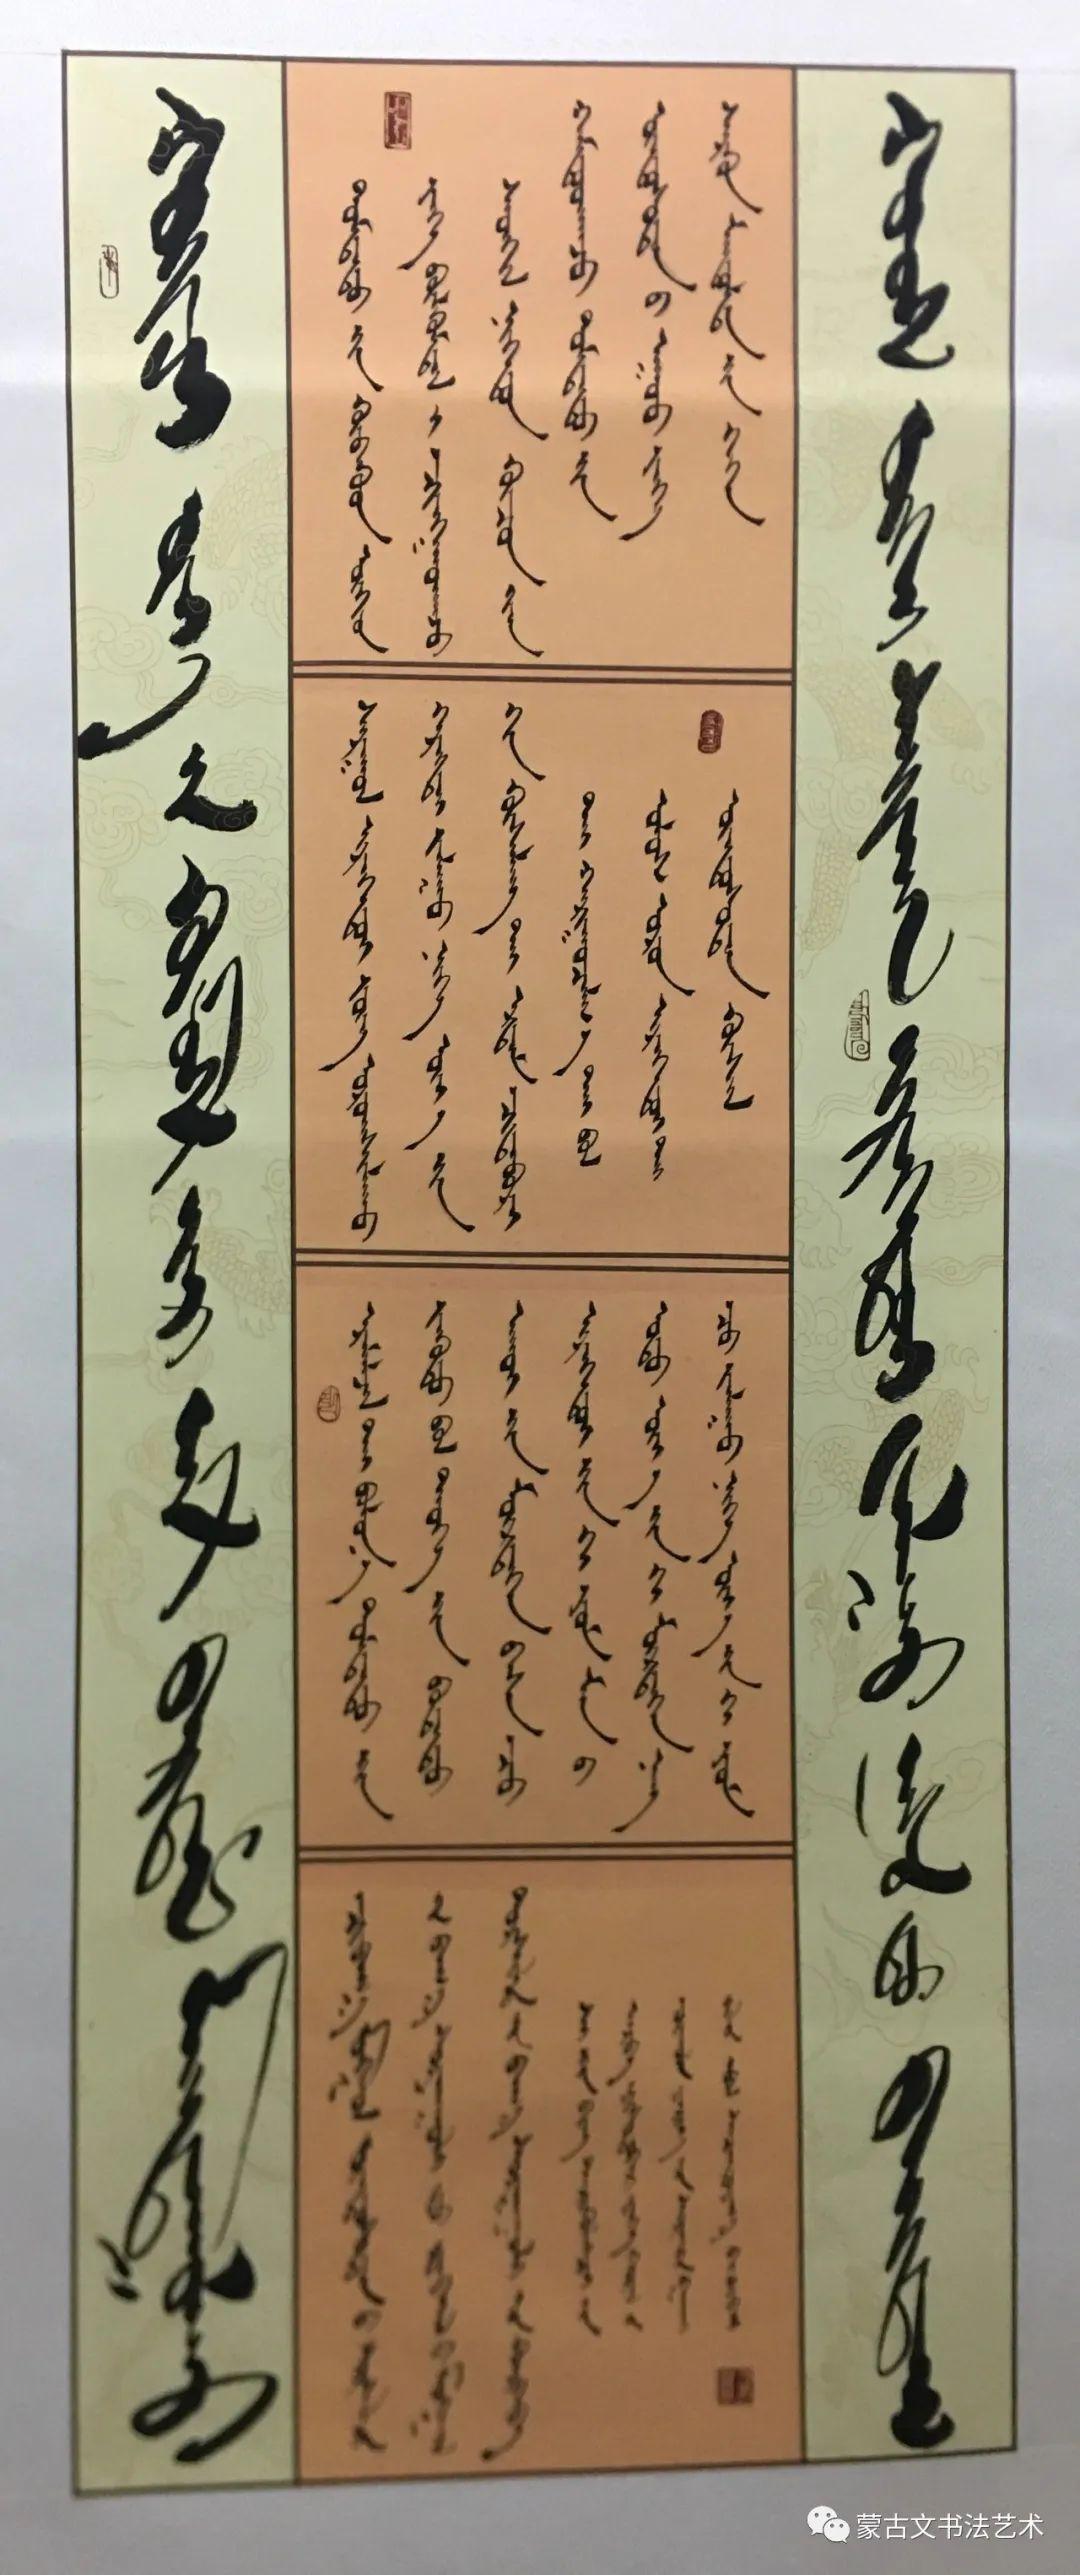 斯琴图雅蒙古文书法作品 第3张